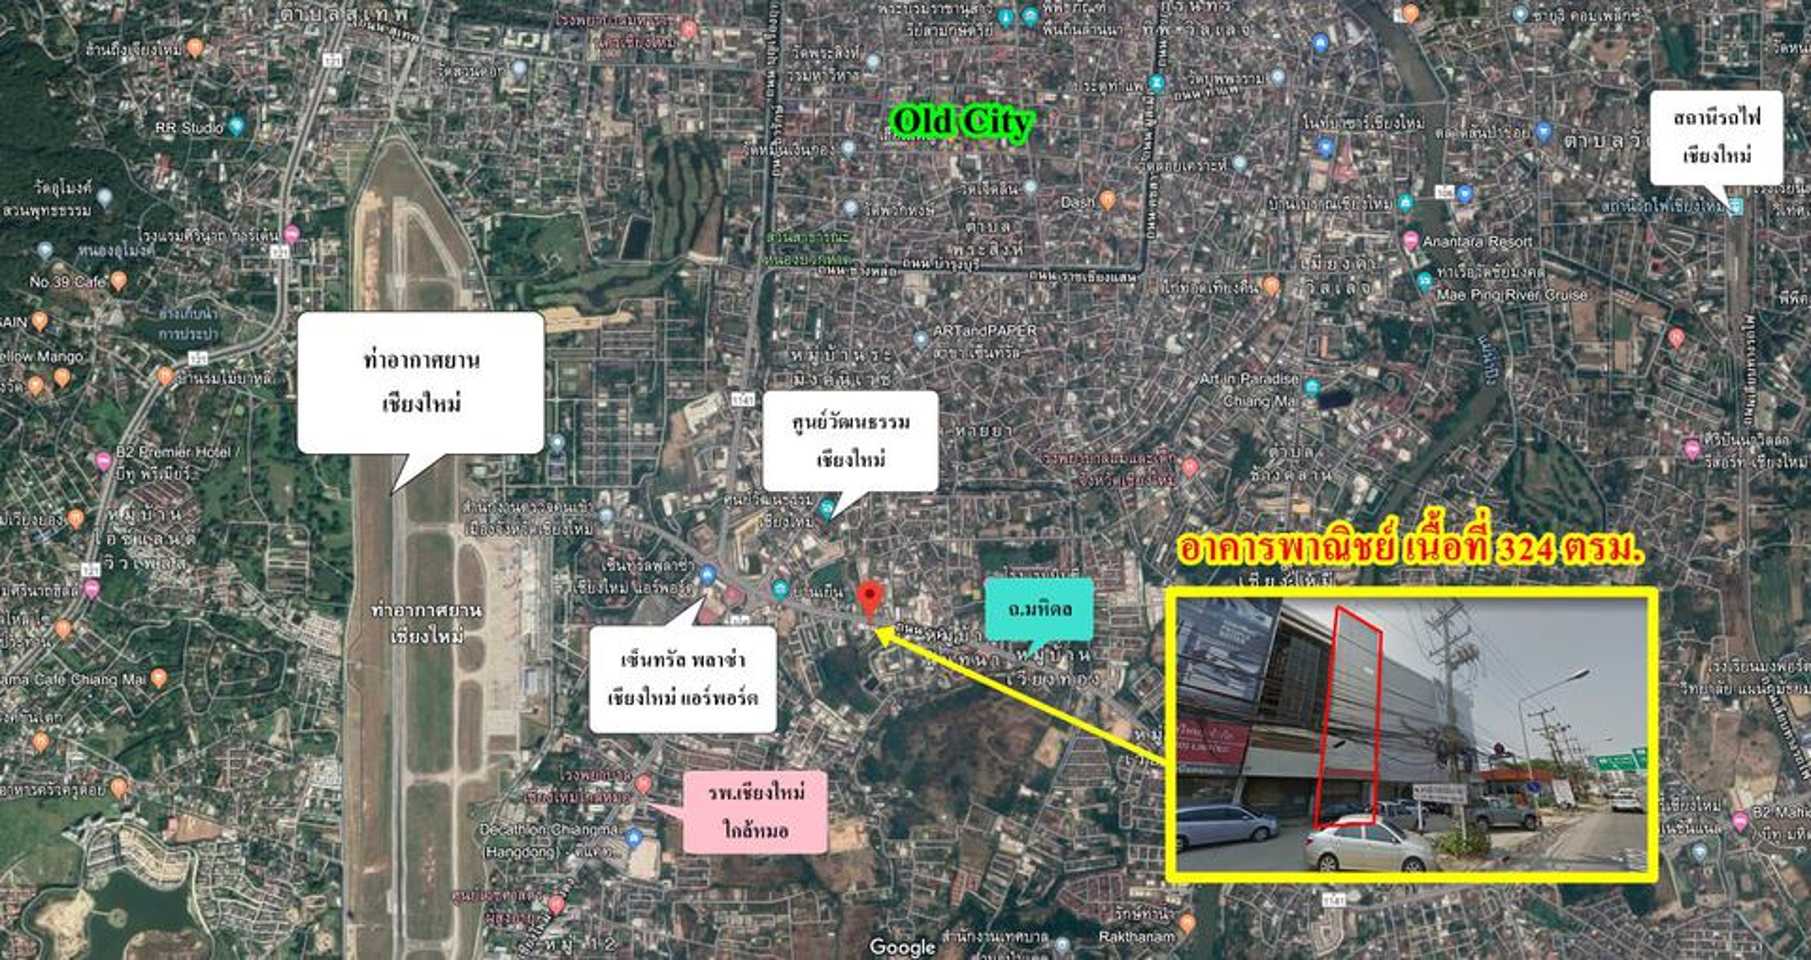 ขายอาคารพาณิชย์ ติดถนนมหิดล ช้างคลาน เชียงใหม่ รูปที่ 4